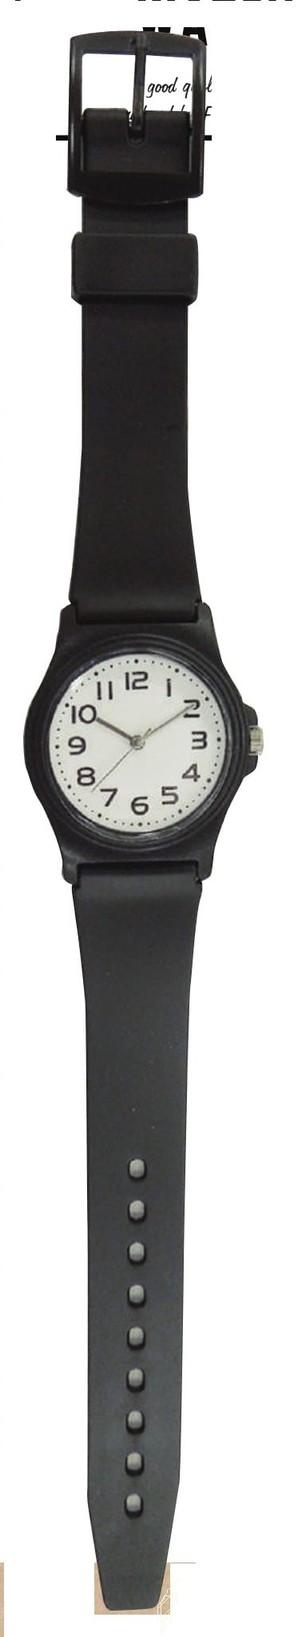 時計専門メーカーの腕時計 CLシリーズ CL-01ジェリー!